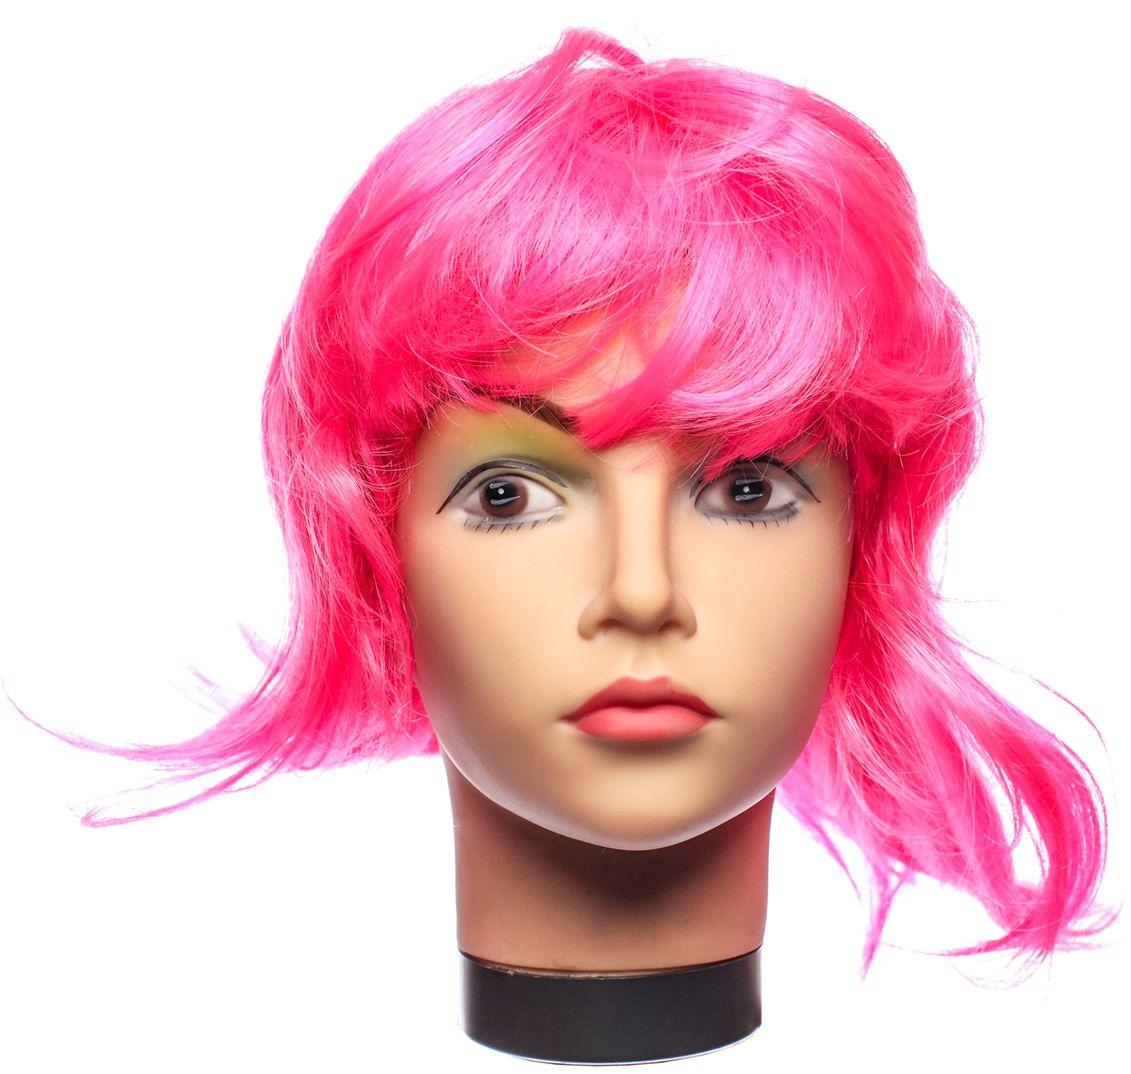 Rio Парик карнавальный цвет розовый 5332